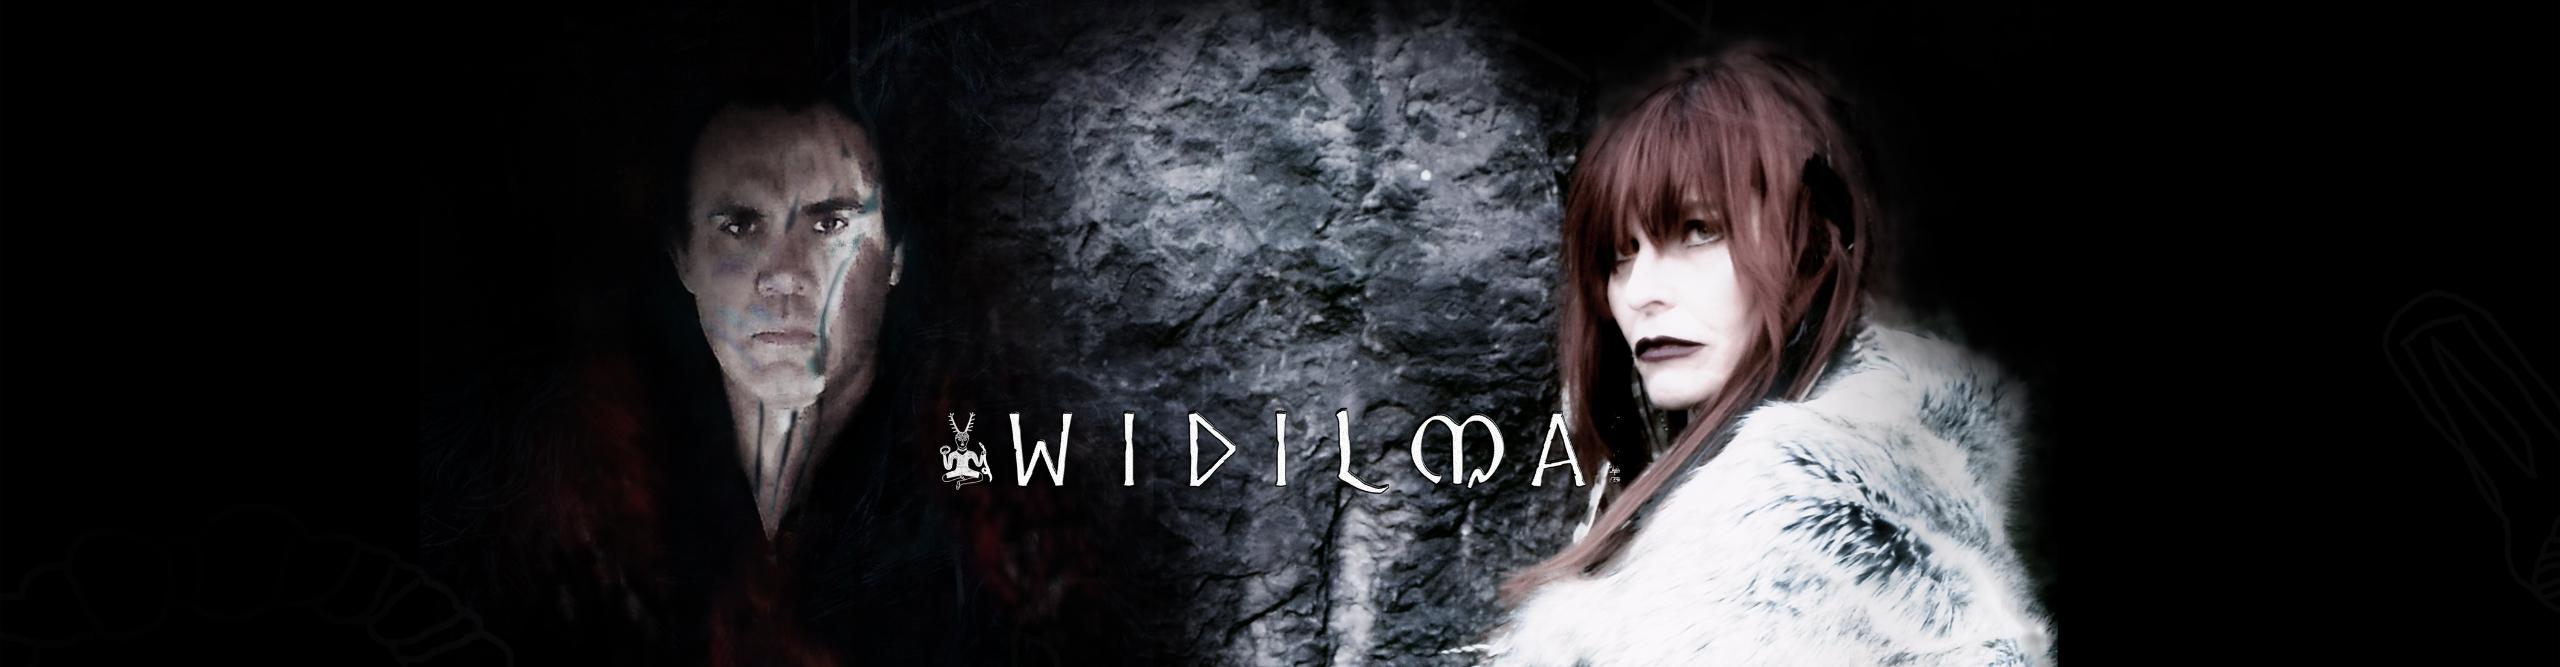 WIDILMA (@widilma) Cover Image